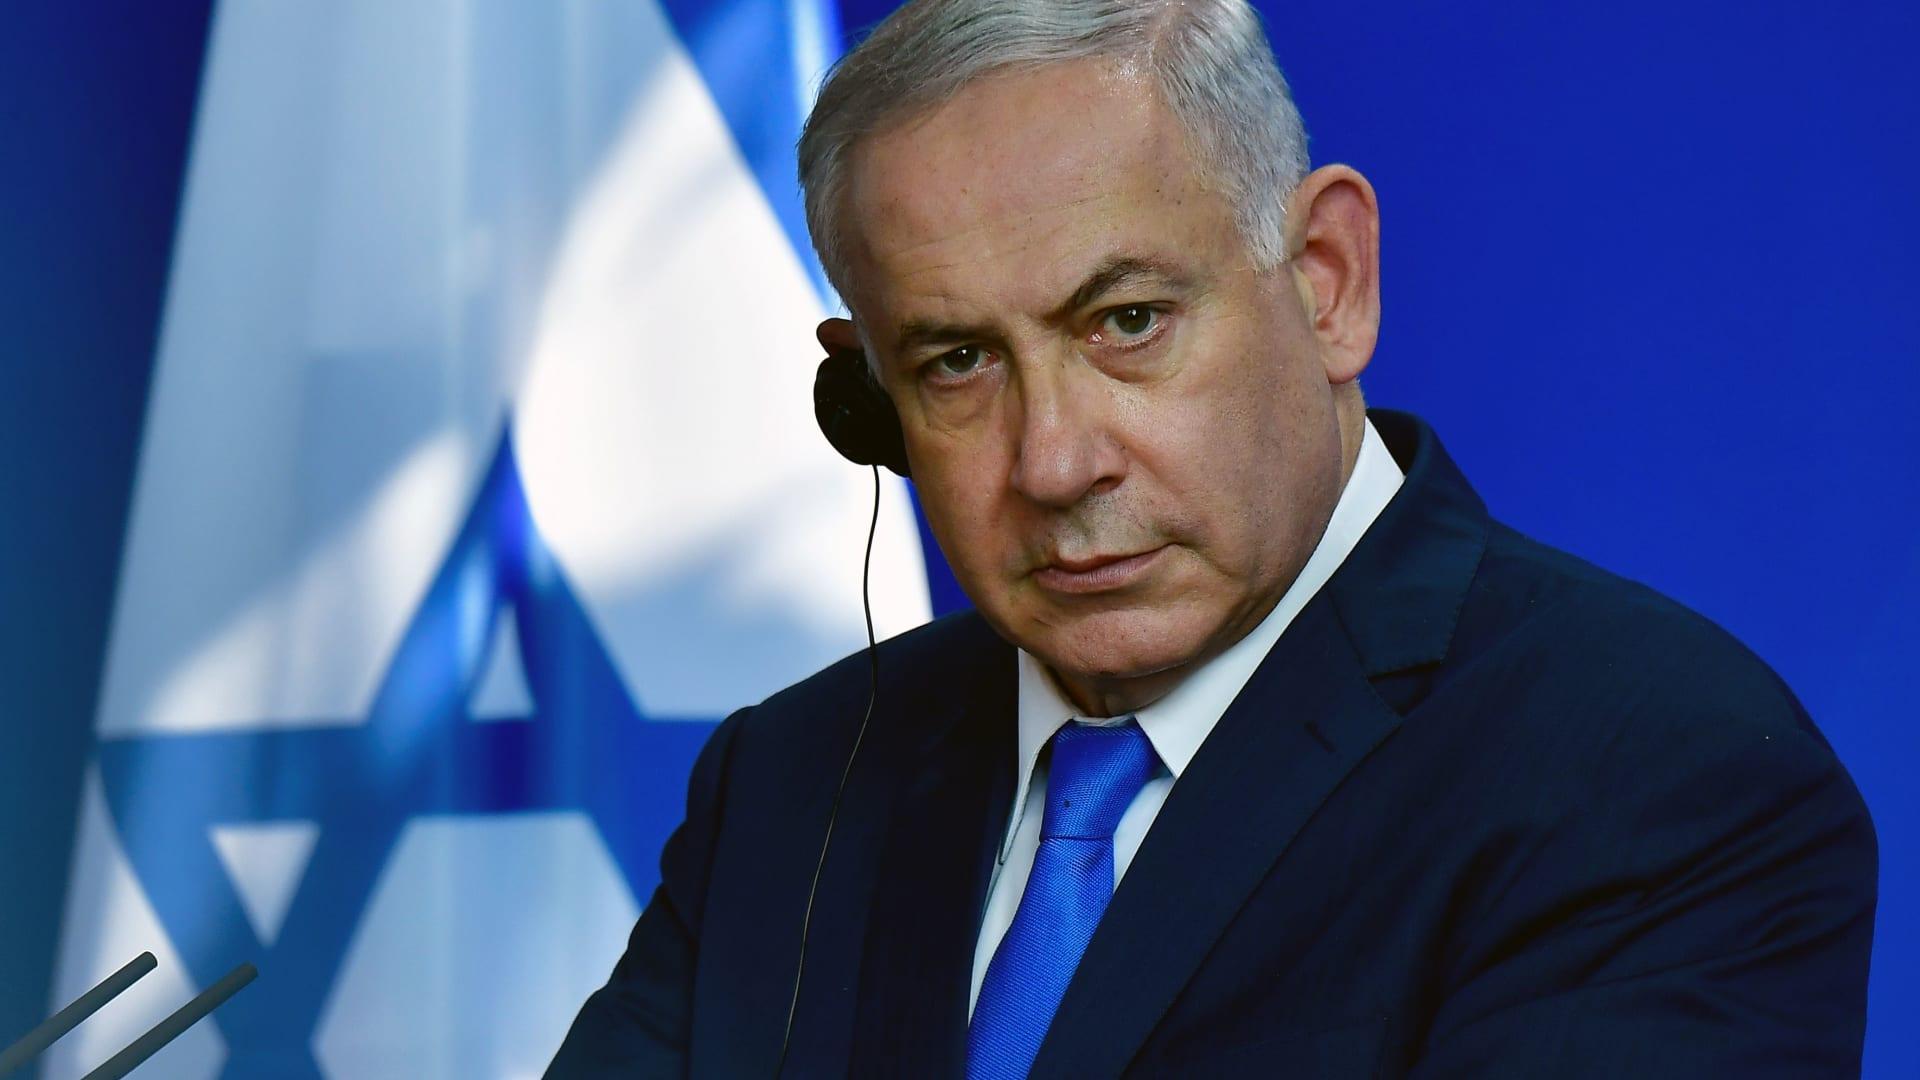 15 بندا.. قرار وزراء خارجية التعاون الإسلامي يُدين الممارسات الإسرائيلية بشأن الضفة الغربية